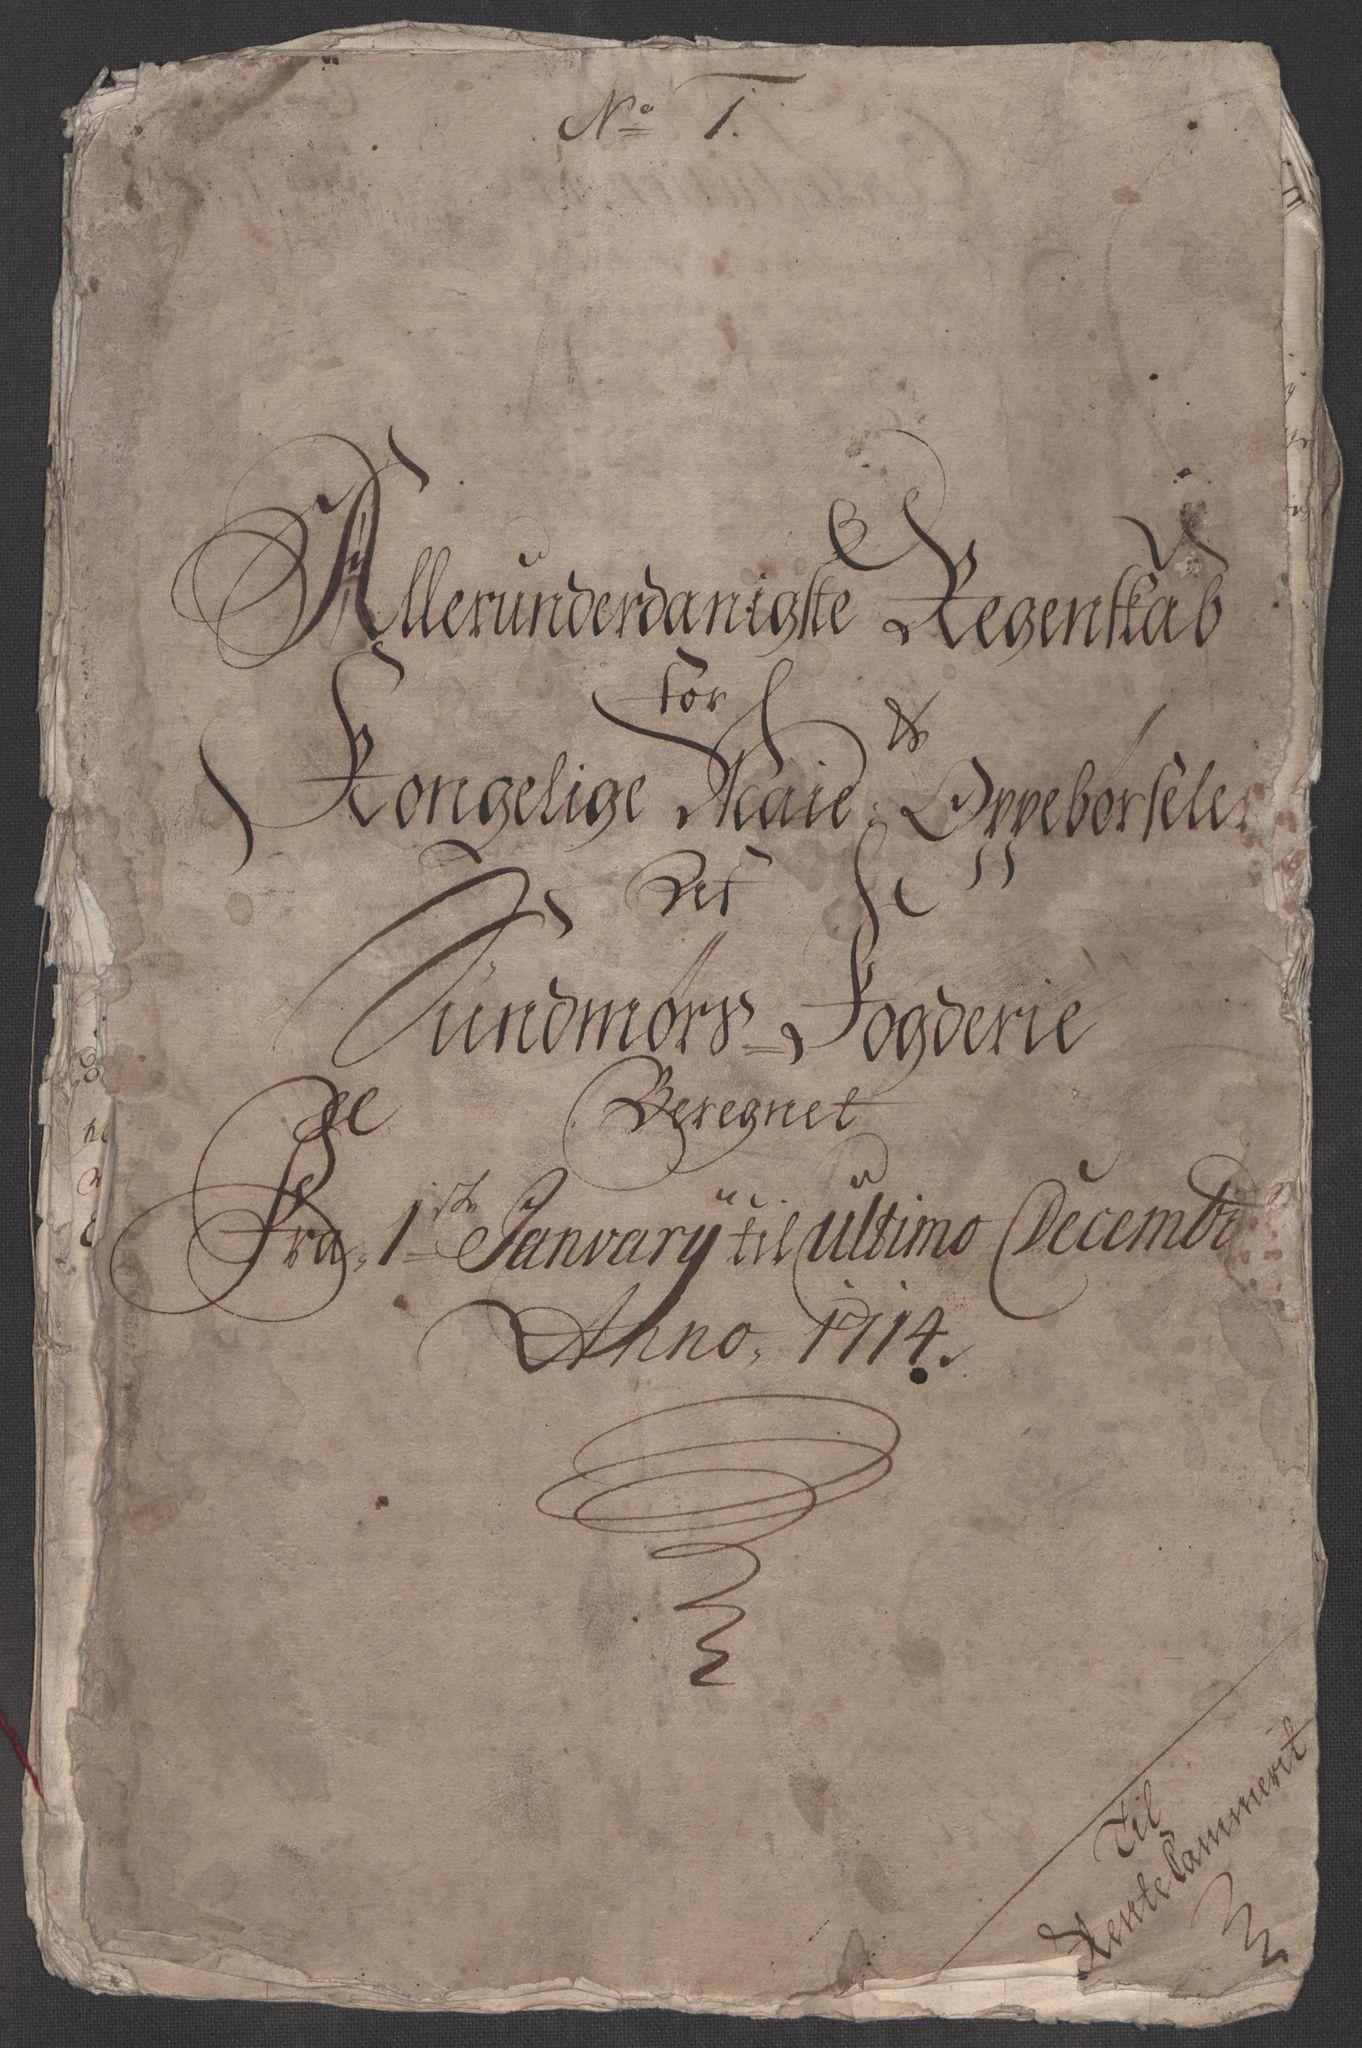 RA, Rentekammeret inntil 1814, Reviderte regnskaper, Fogderegnskap, R54/L3566: Fogderegnskap Sunnmøre, 1714, s. 4